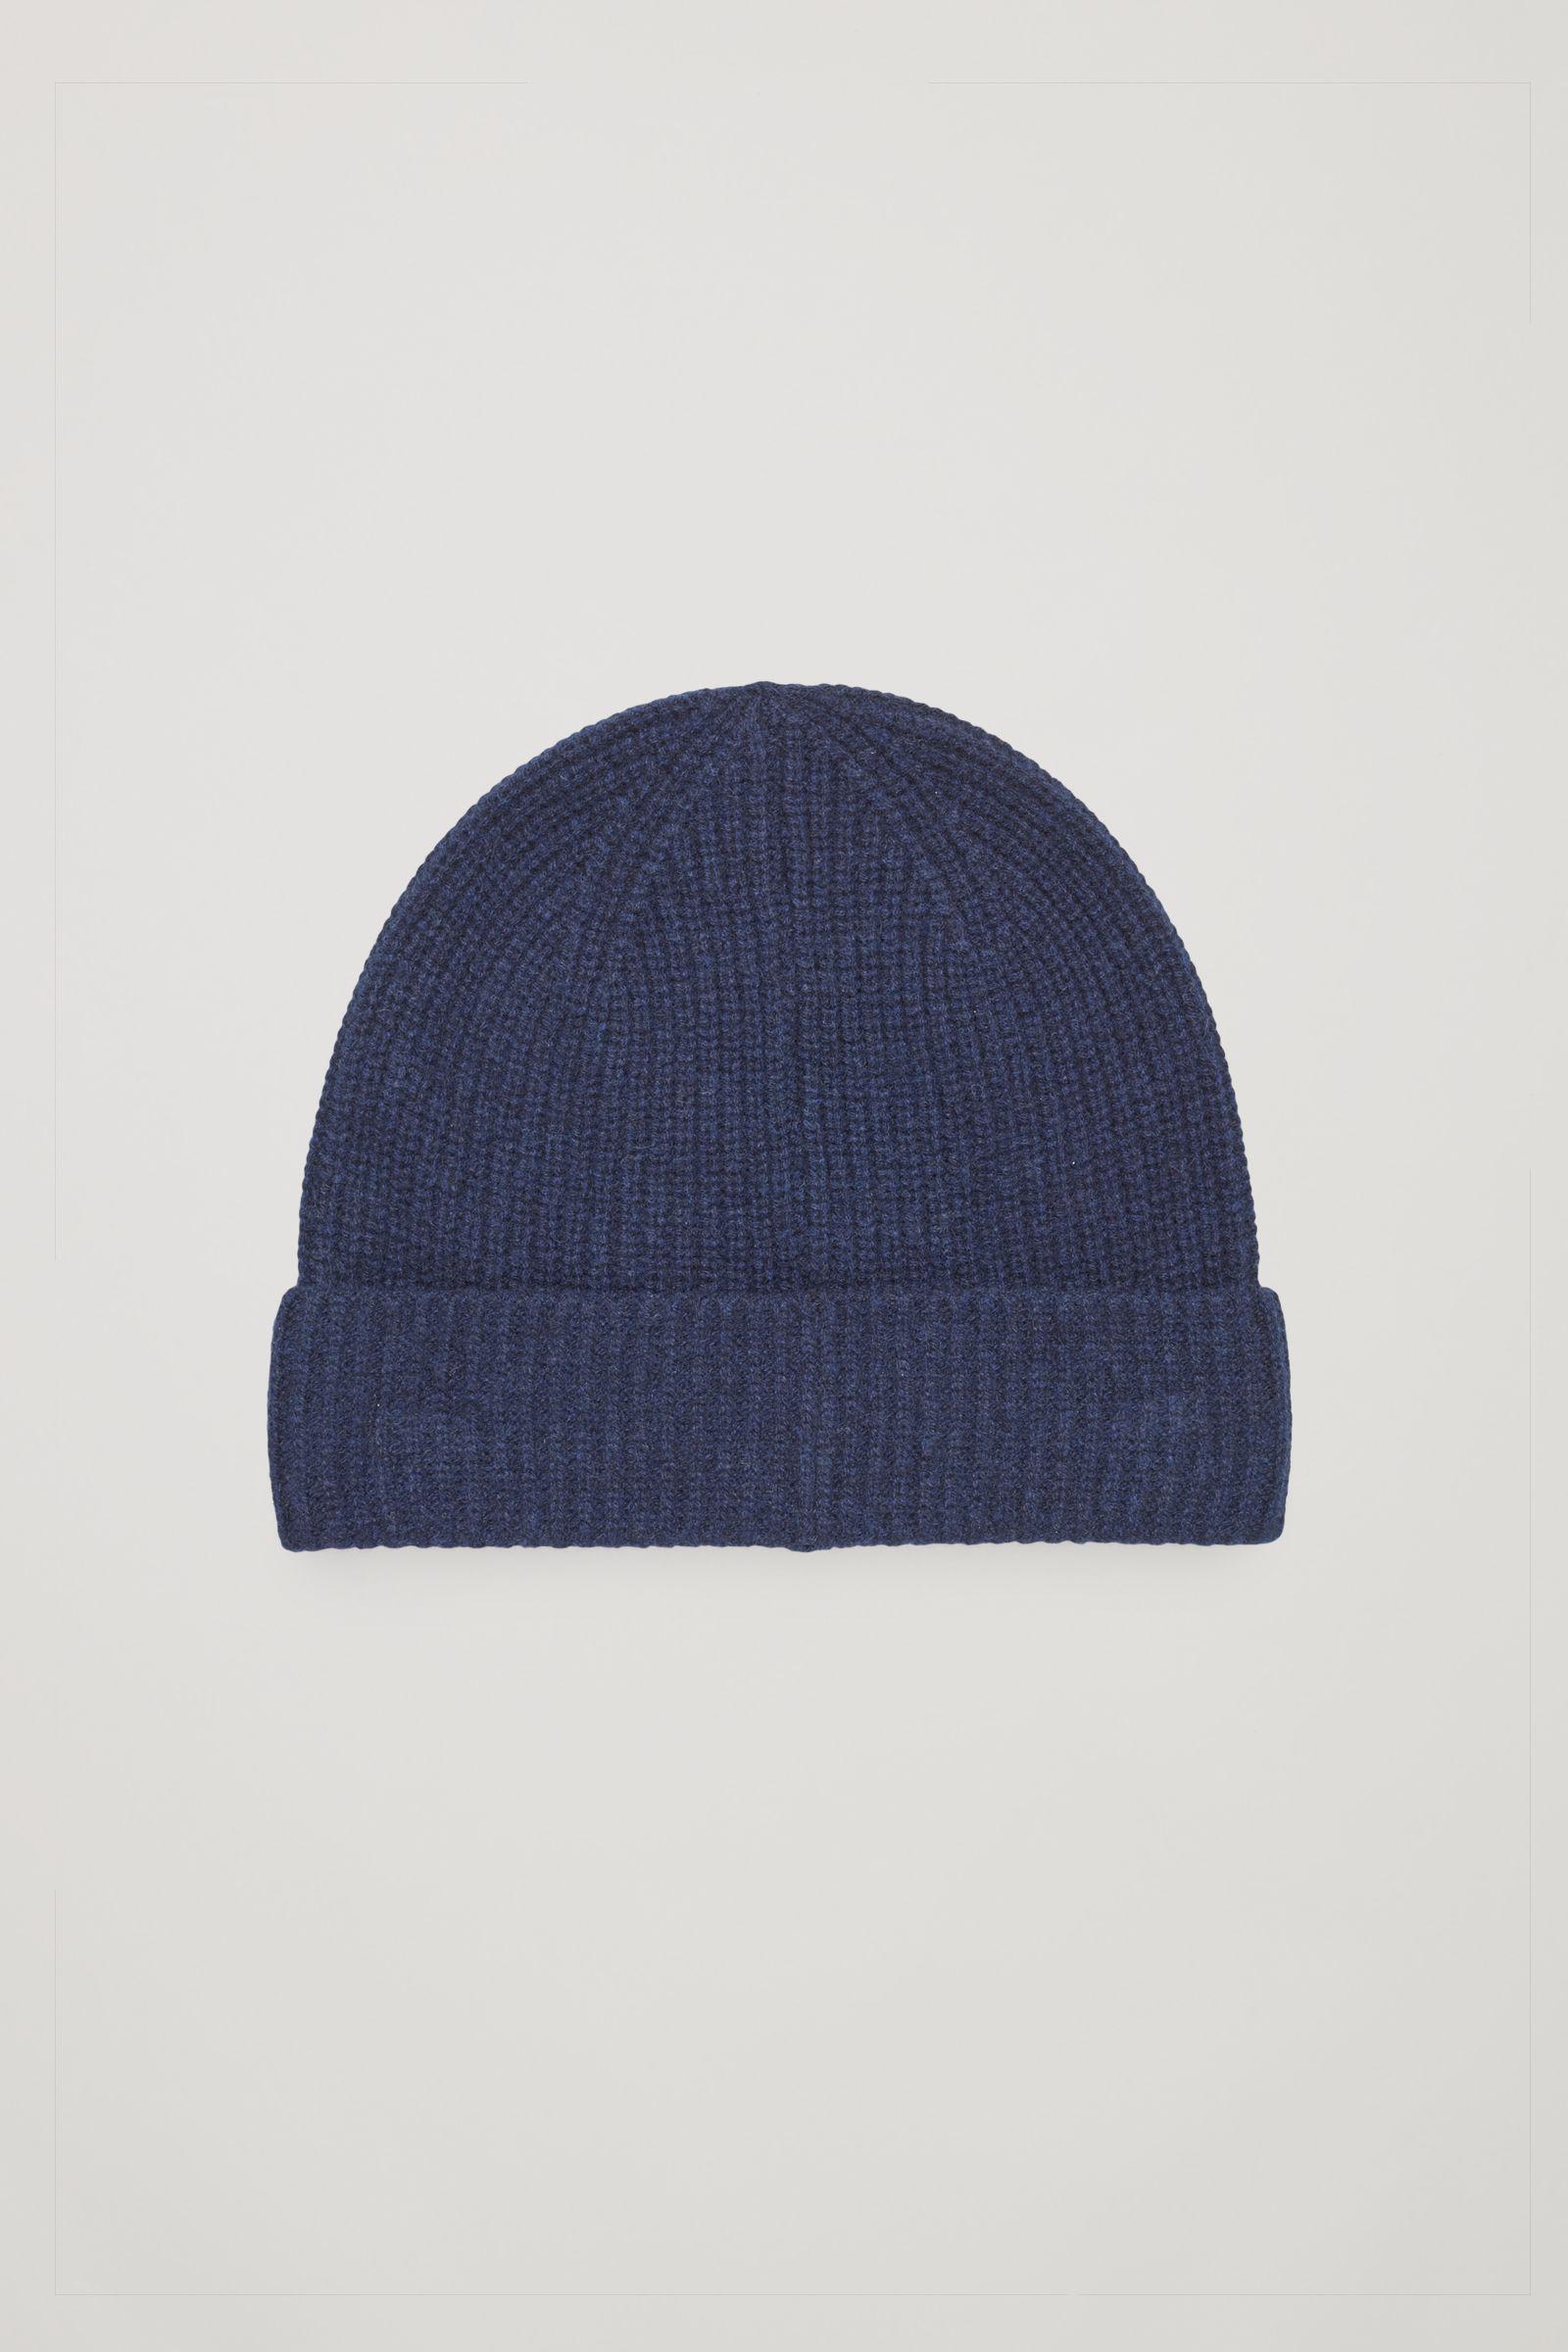 5eccb13eb5a Cos Cashmere Beanie Hat